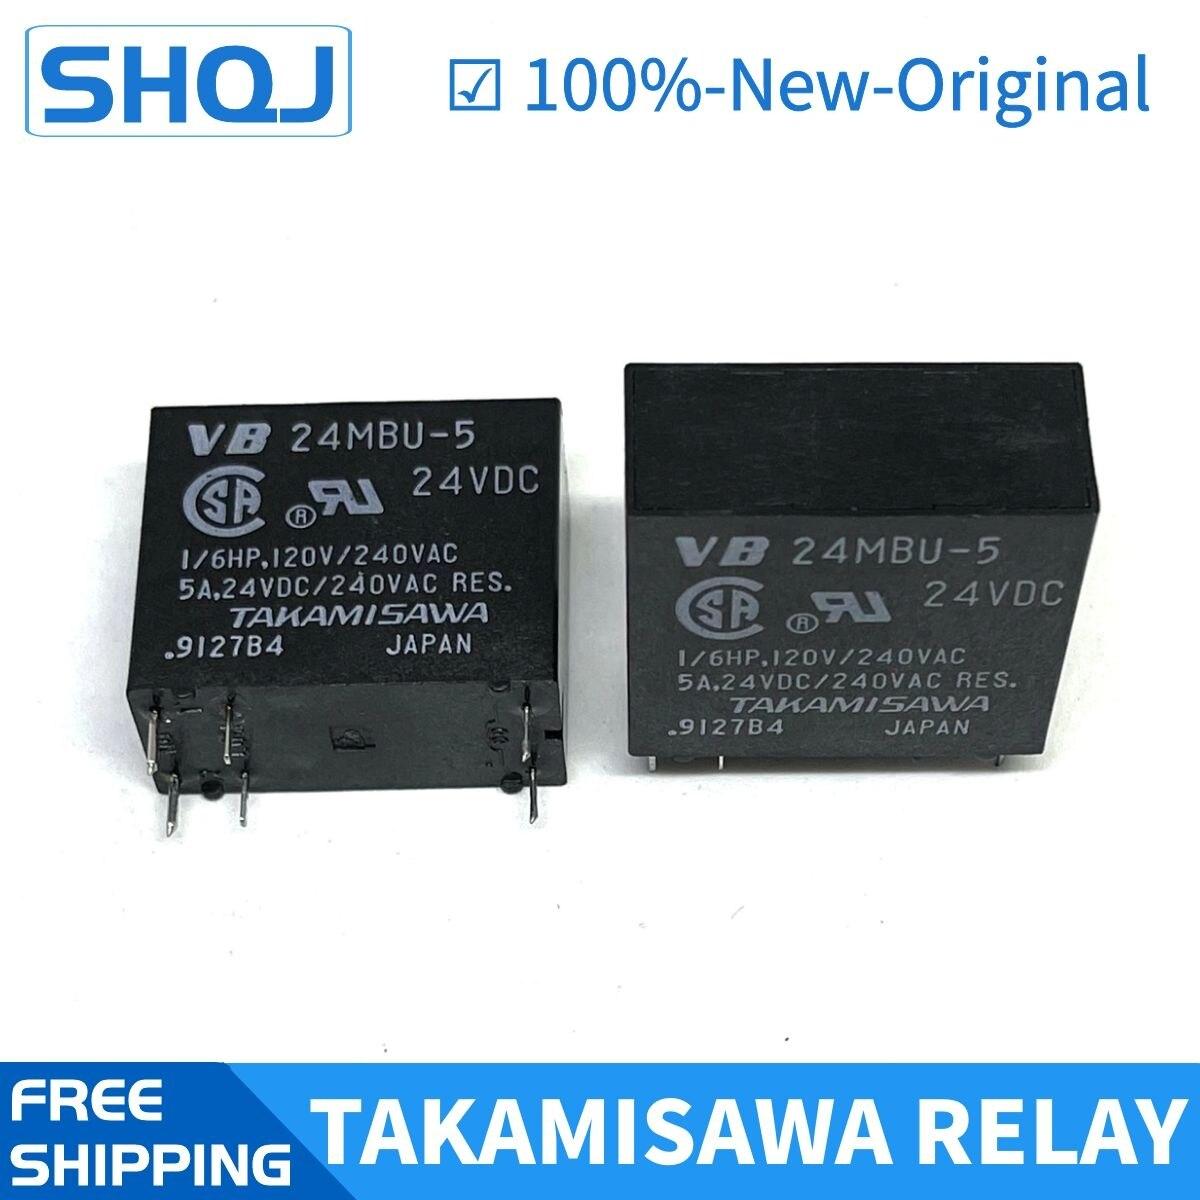 10 قطعة TAKAMISAWA التتابع VB24MB 24VDC DC24V VB 24MB العلامة التجارية الجديدة والأصلية التتابع